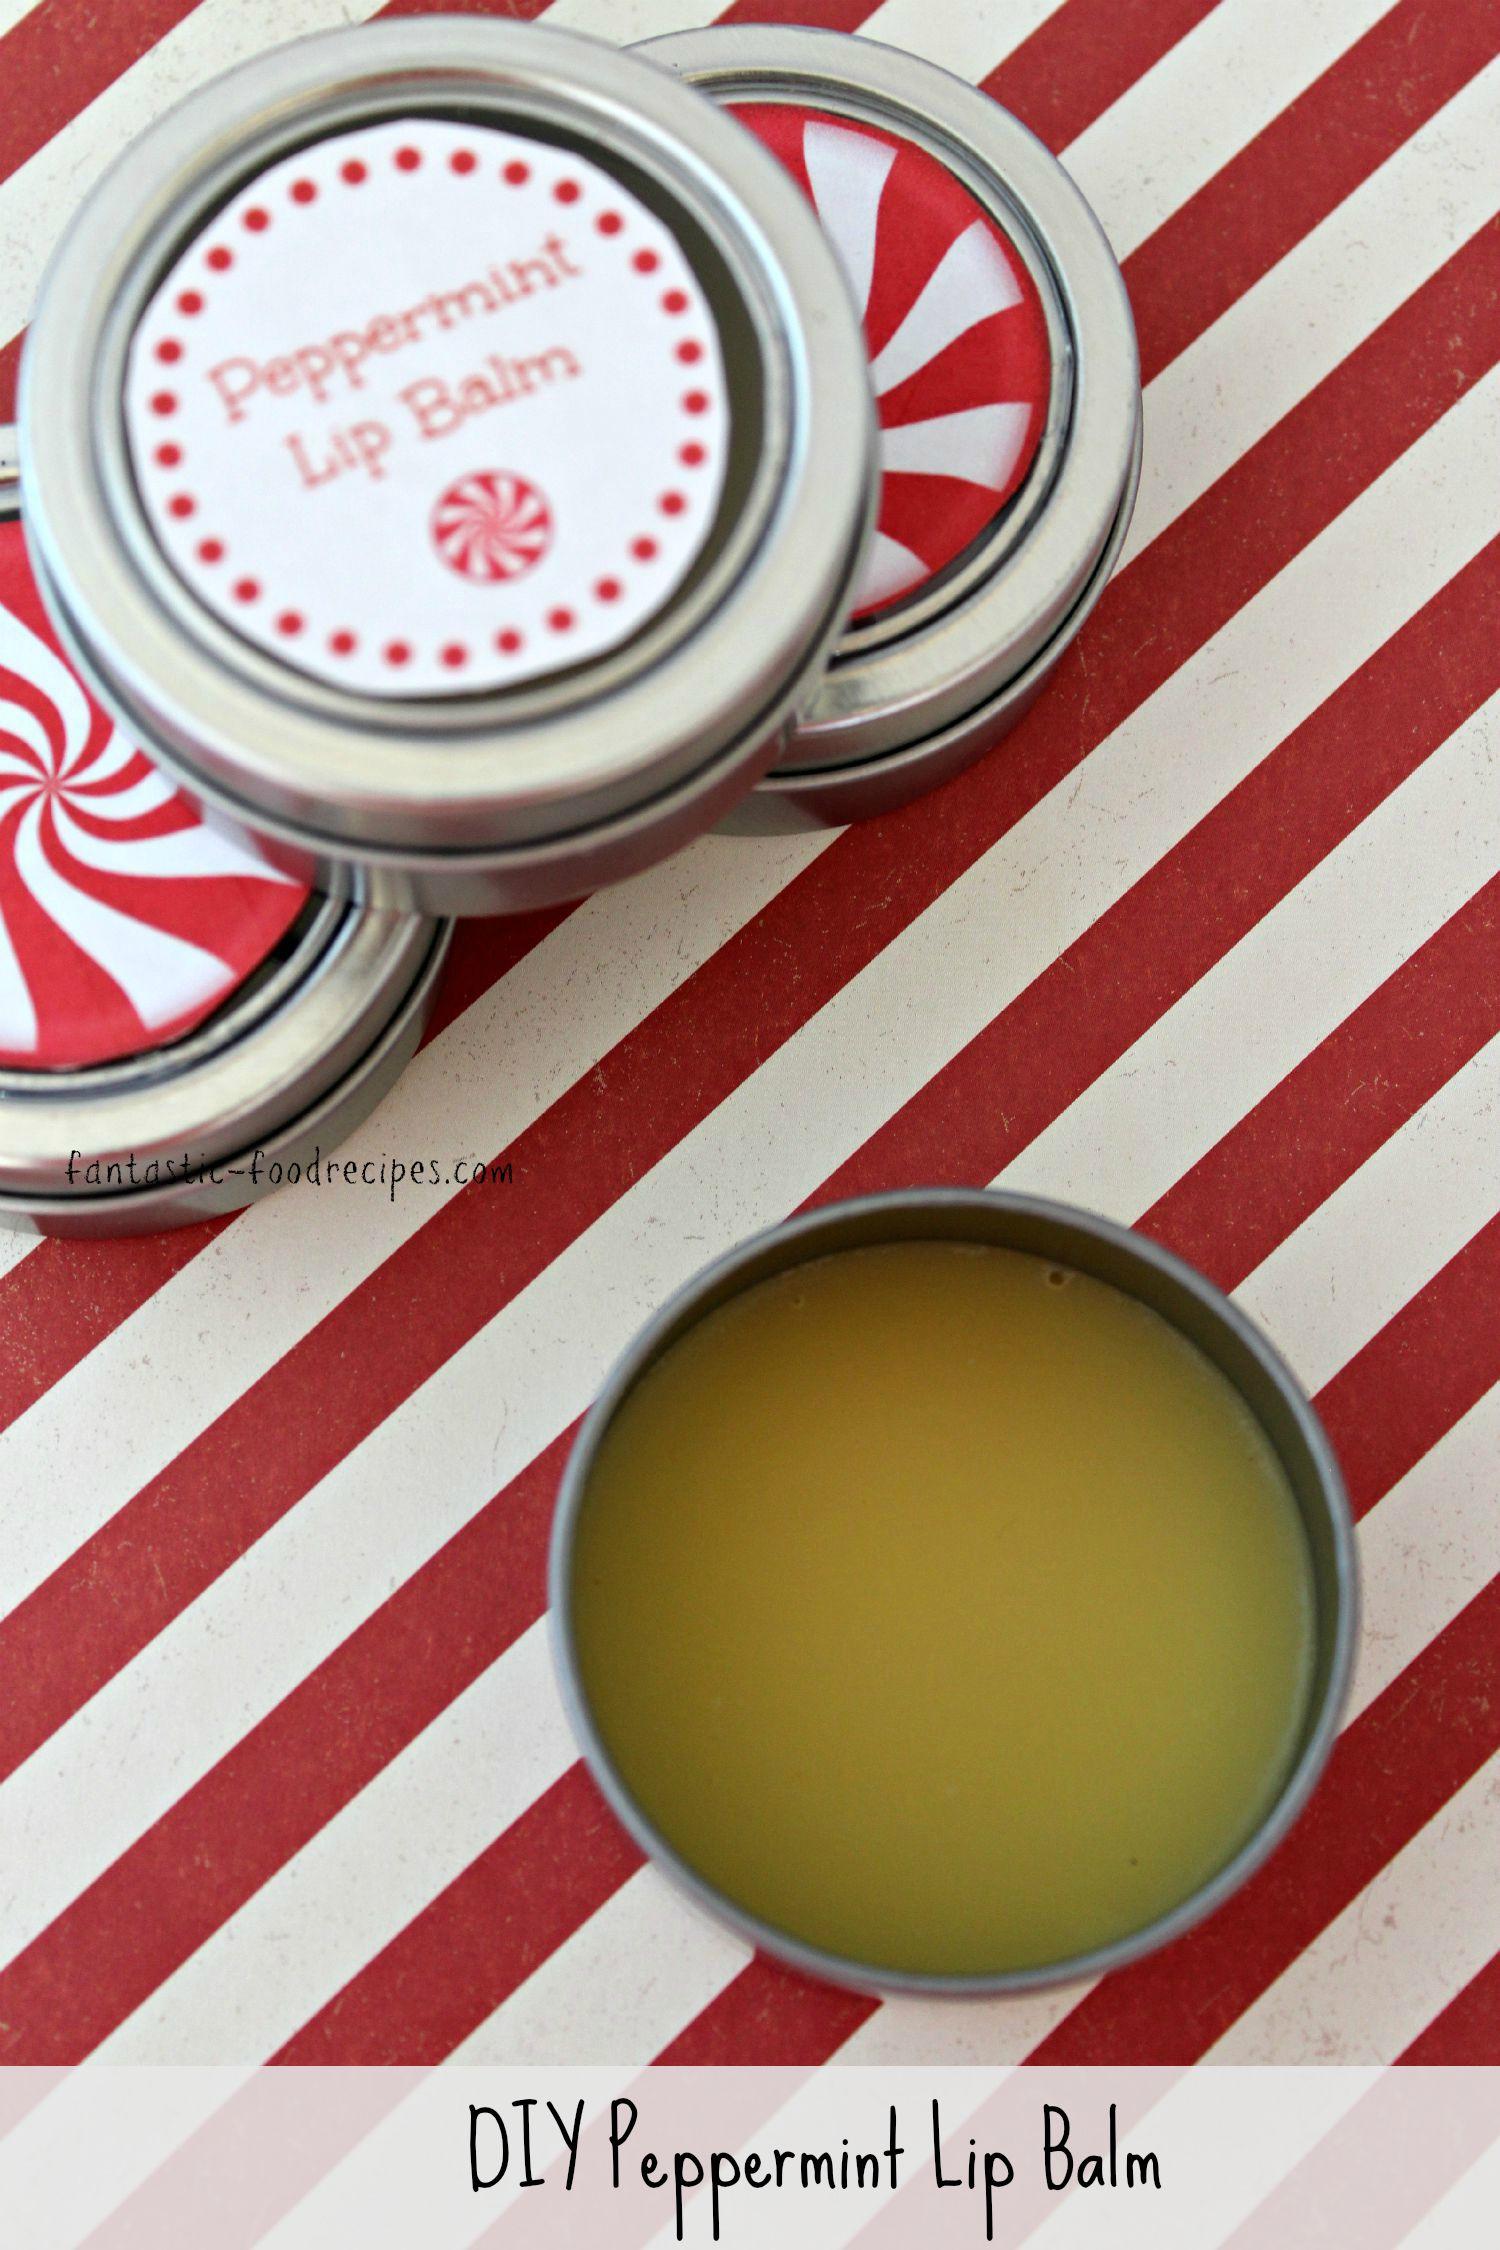 DIY Homemade Peppermint Lip Balm